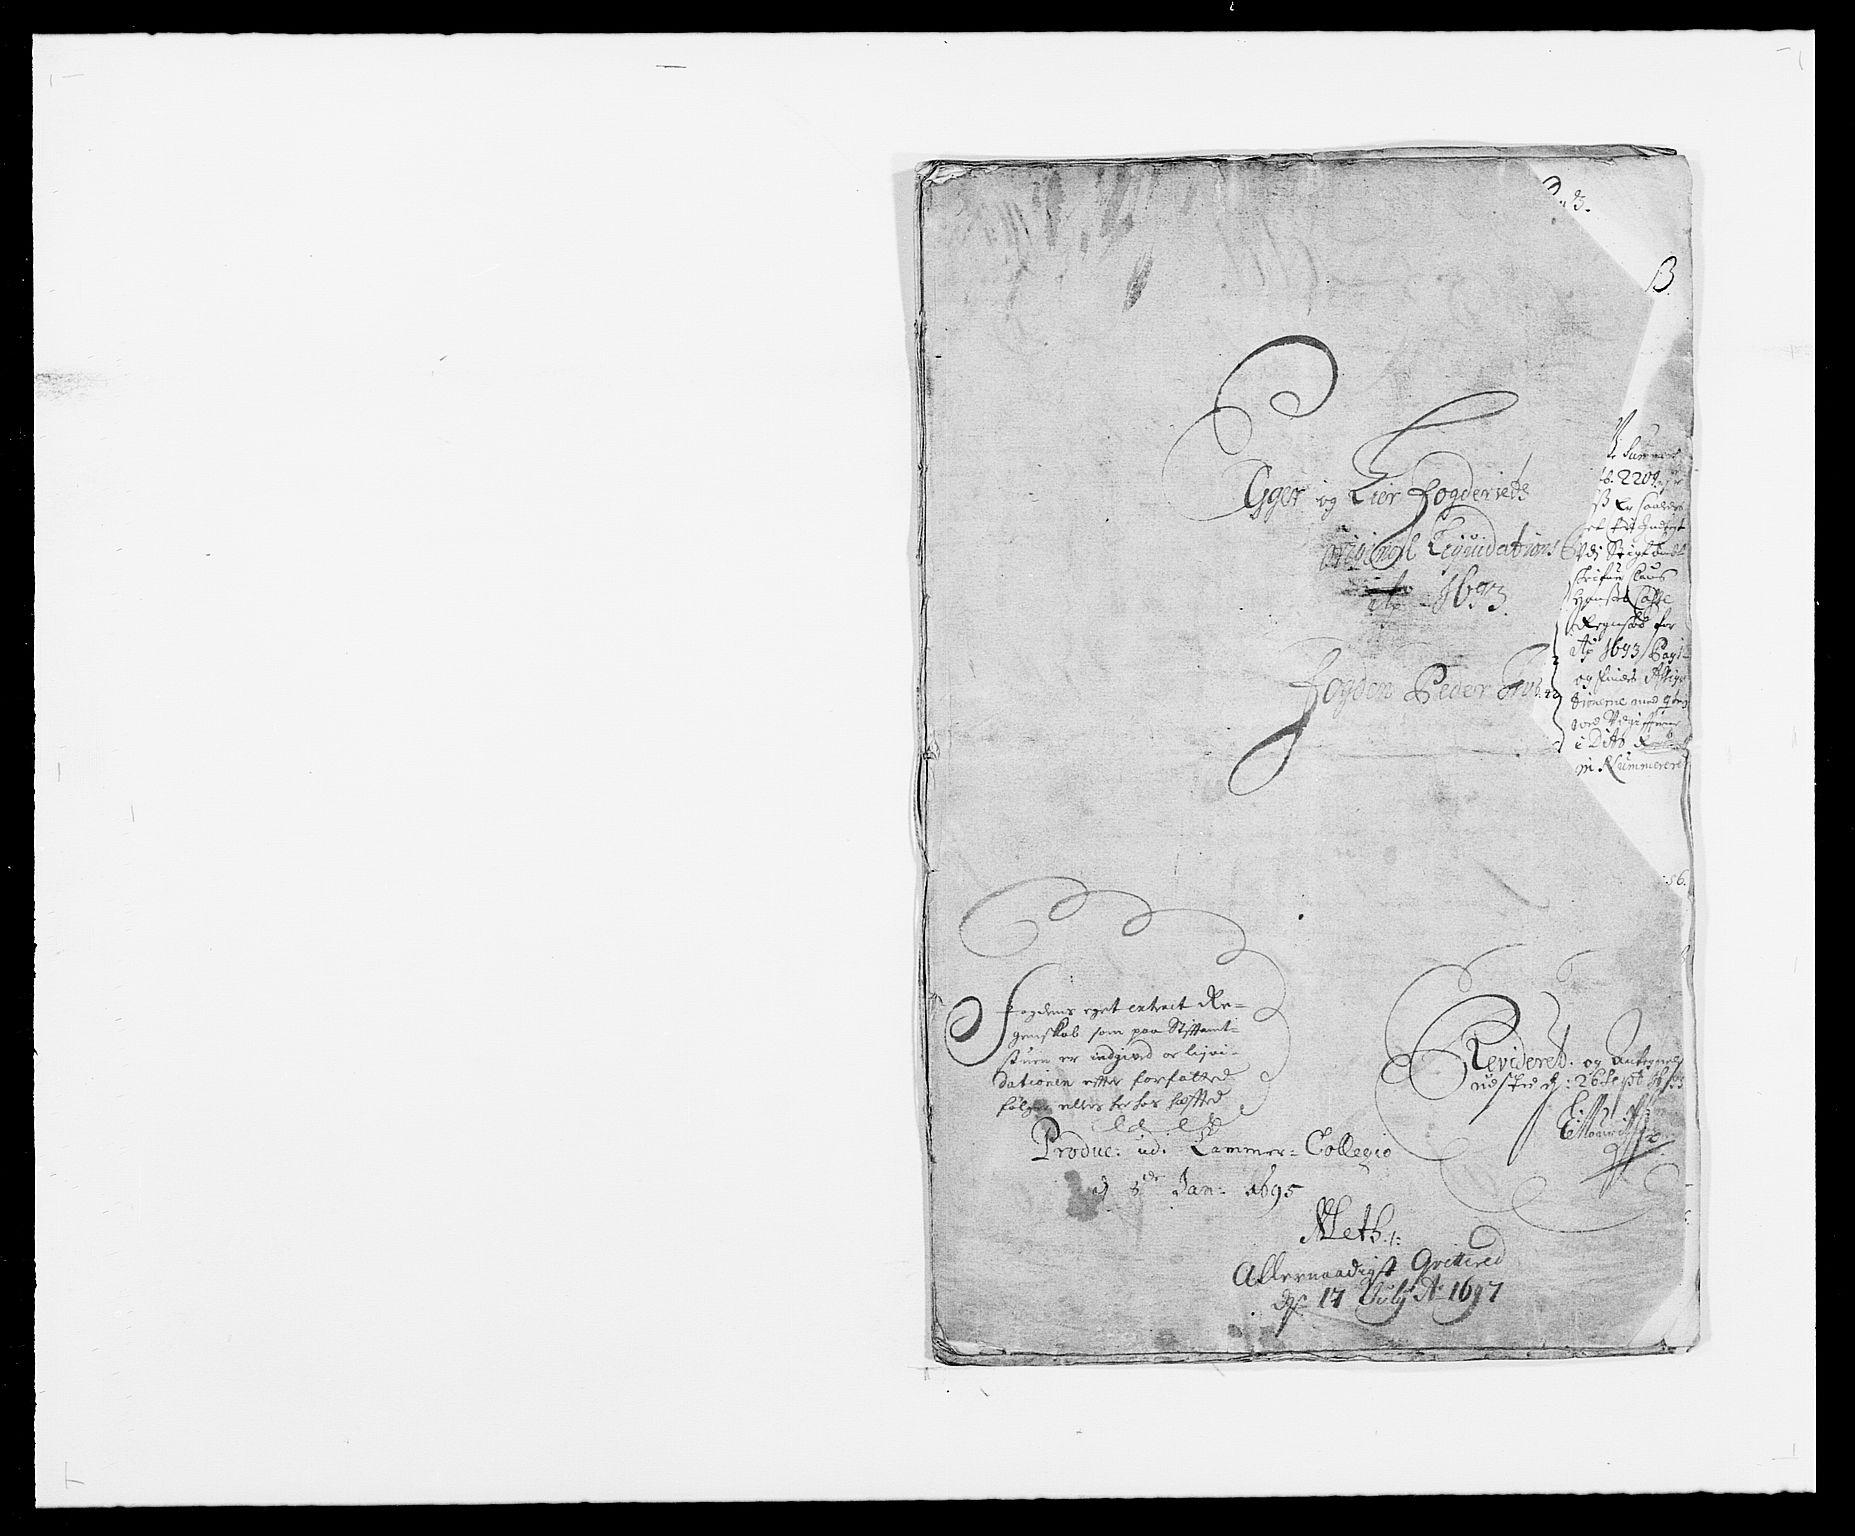 RA, Rentekammeret inntil 1814, Reviderte regnskaper, Fogderegnskap, R28/L1690: Fogderegnskap Eiker og Lier, 1692-1693, s. 123